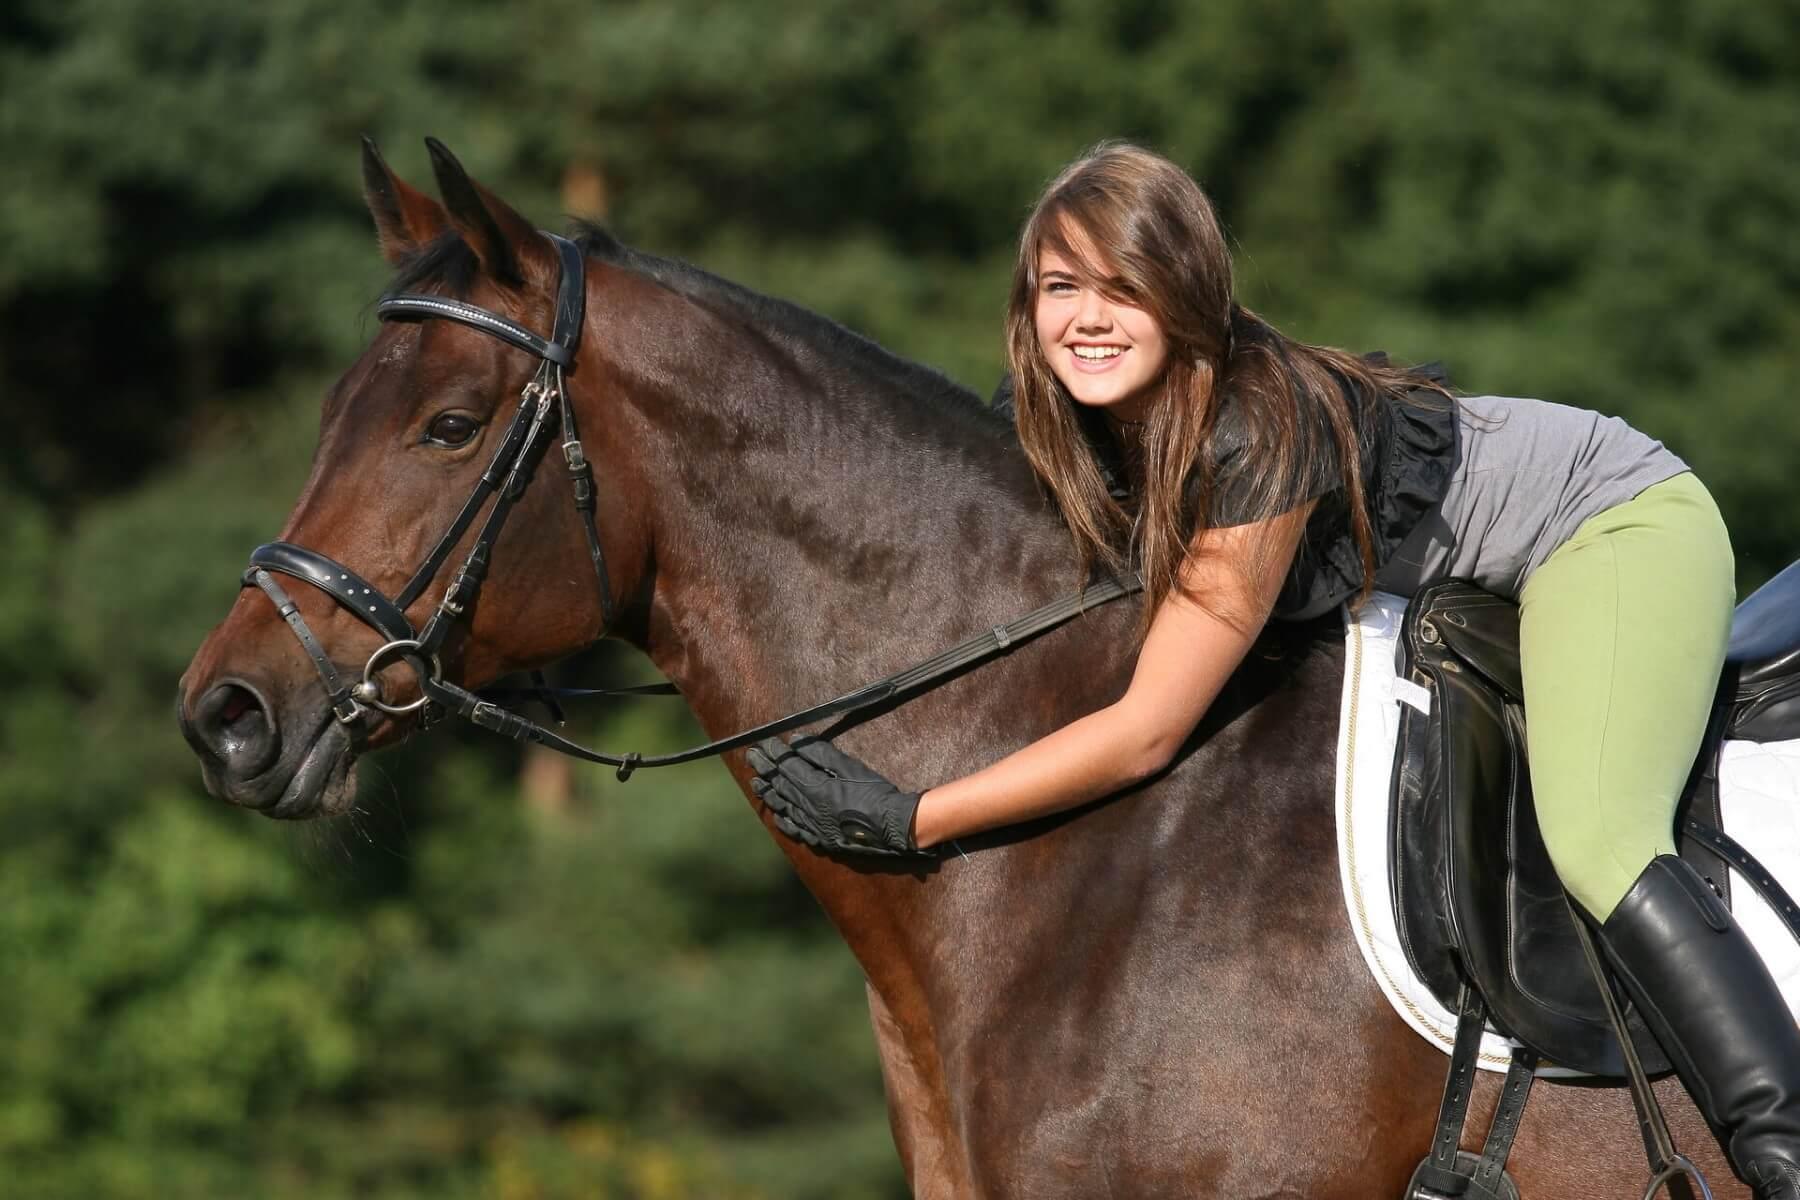 Aktivierung der Hinterhand des Pferdes - Nur wie?